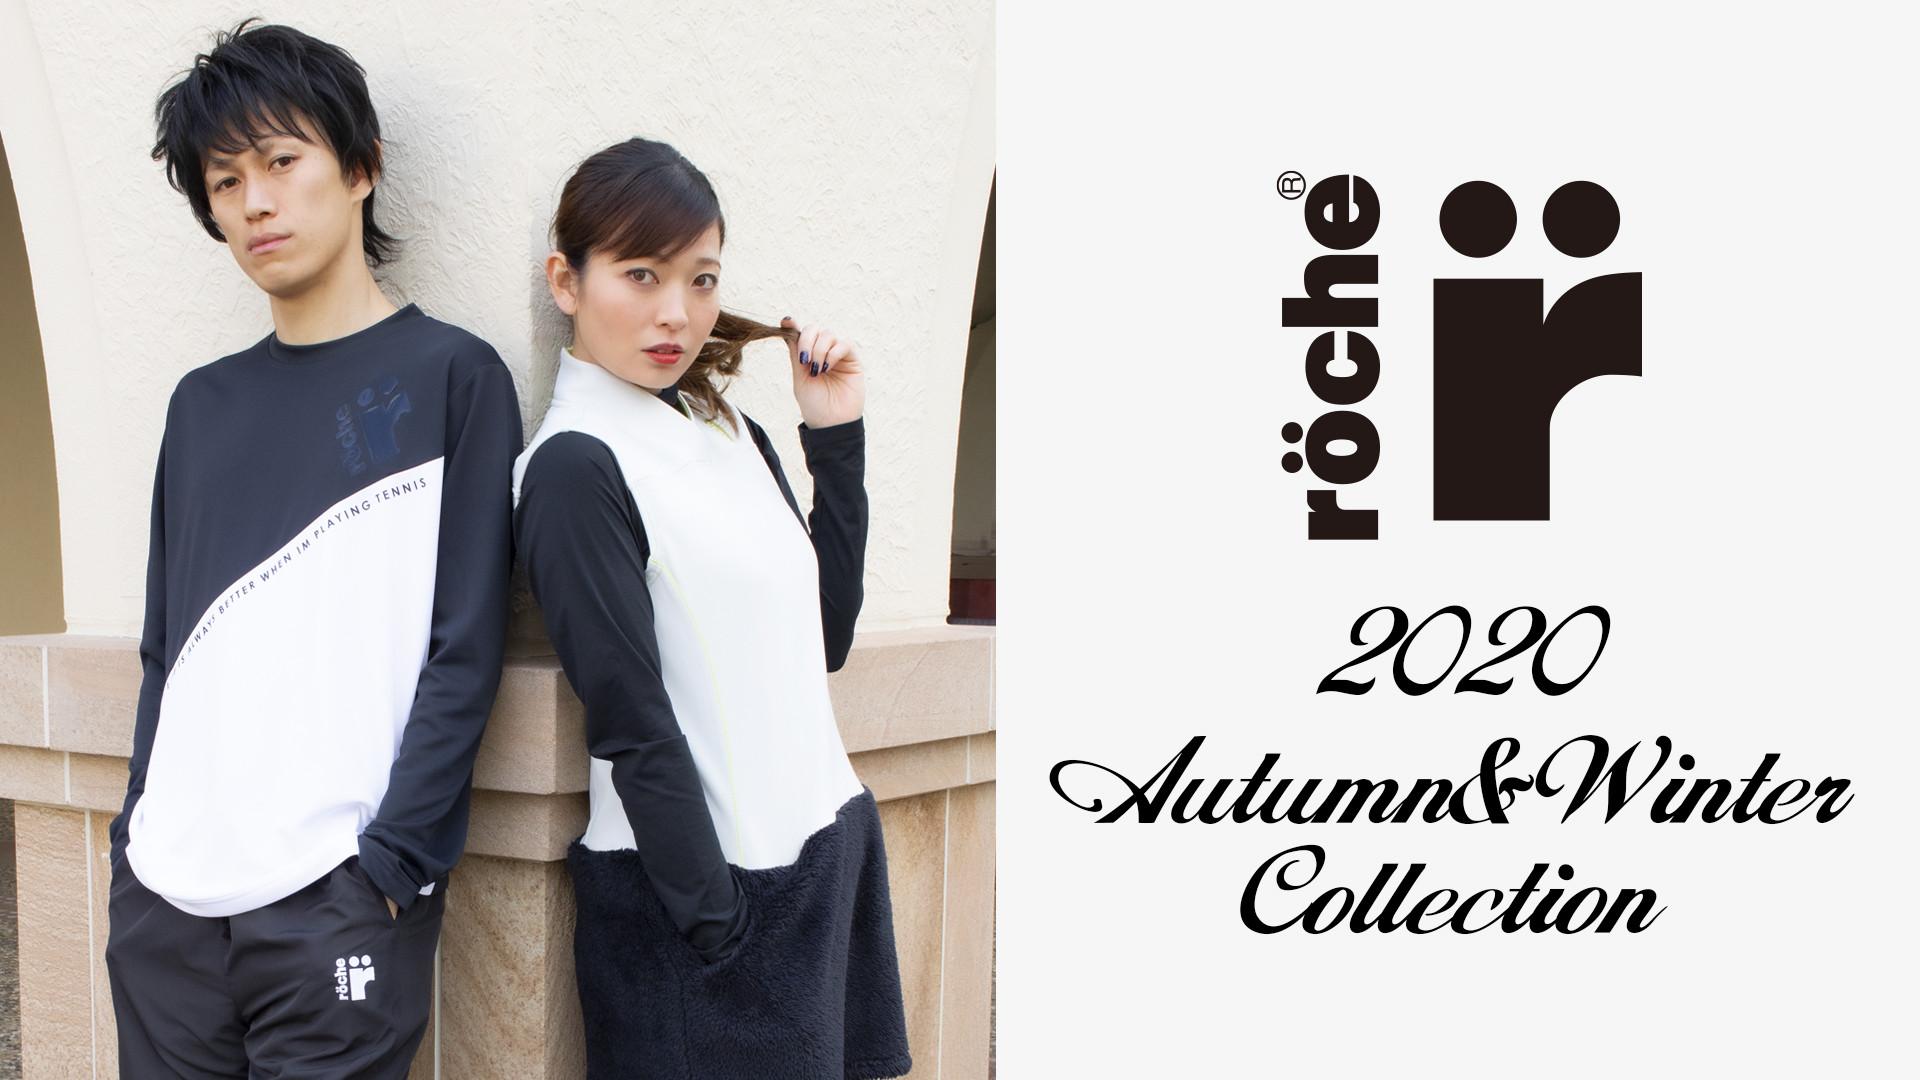 roche 2020秋冬ウェア 予約販売開始!